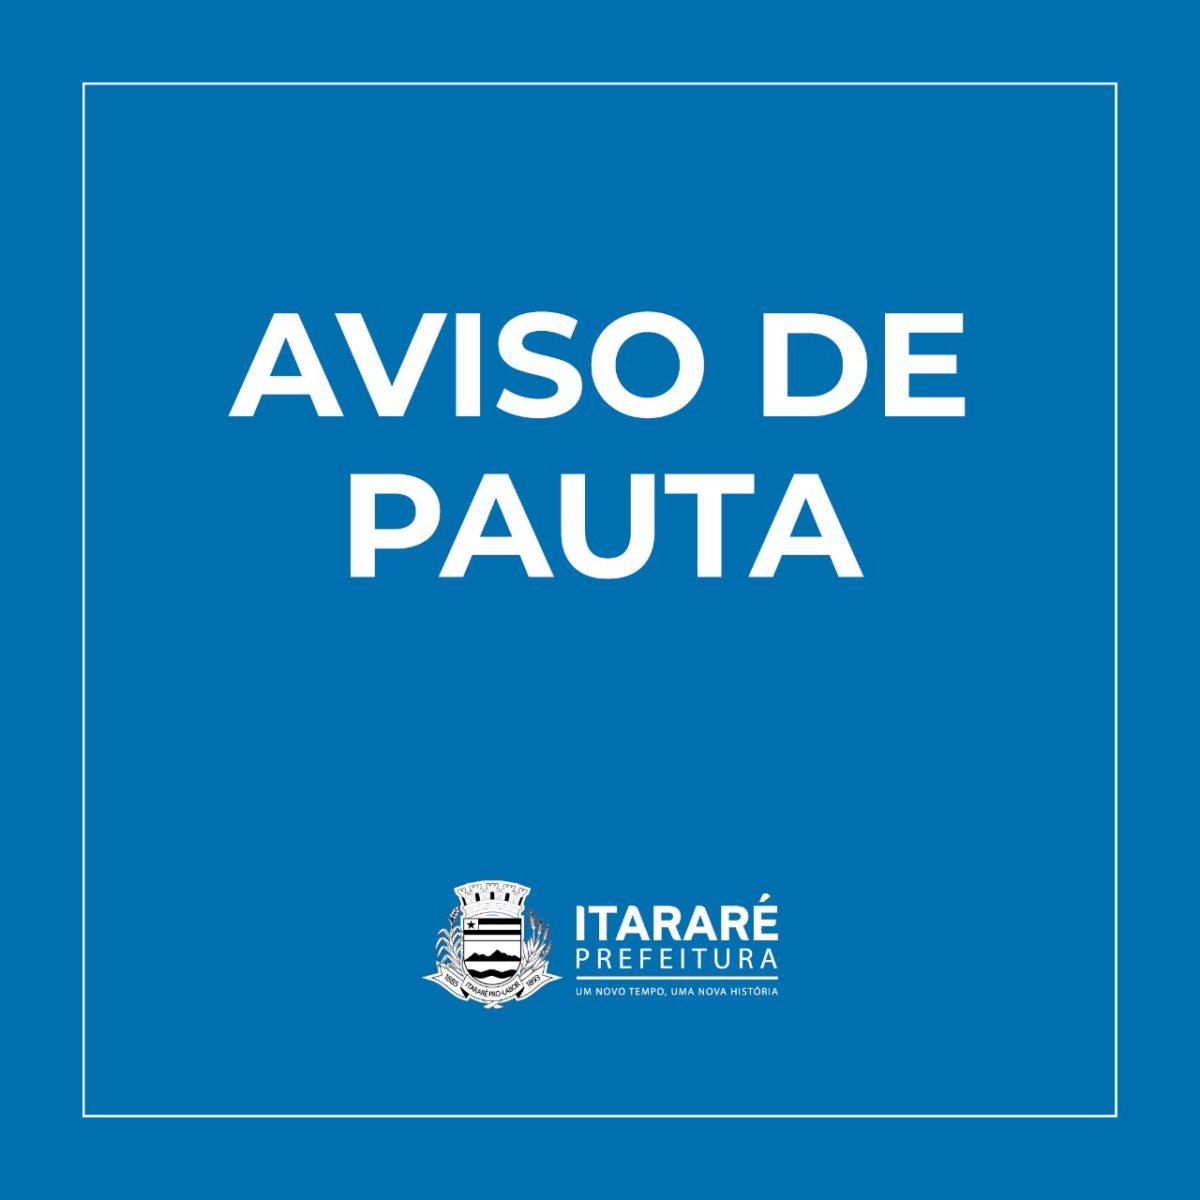 AVISO DE PAUTA: Prefeito de Itararé (SP) entrega kits de material escolar nesta quinta-feira (09)